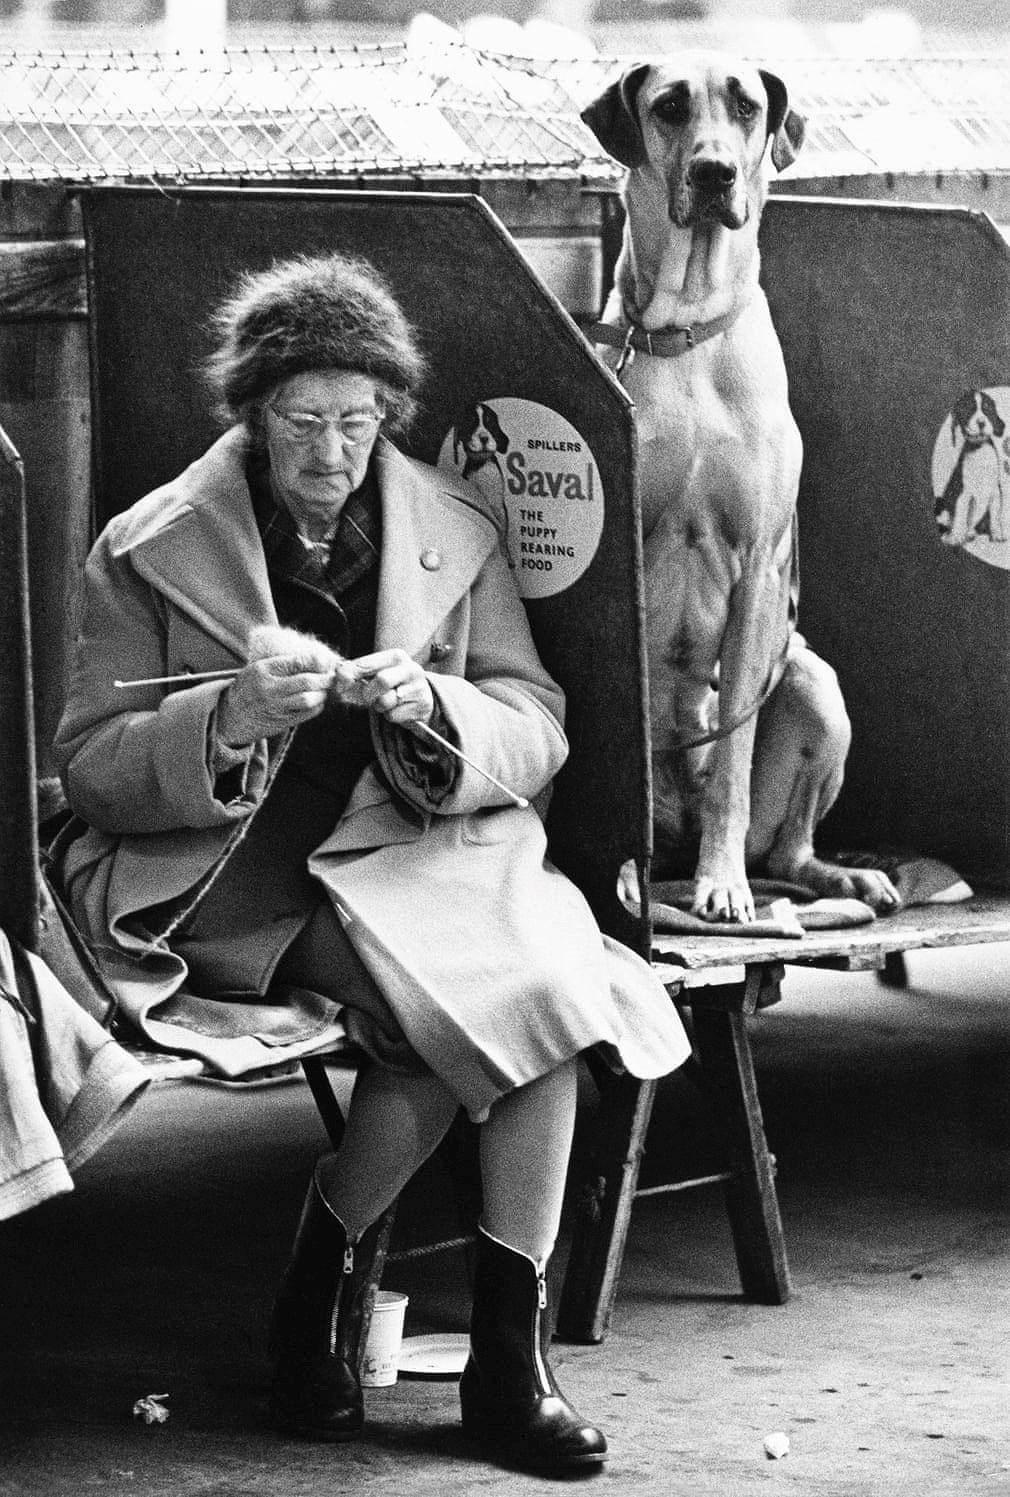 Những bức ảnh đen trắng hiếm có về Dog Show ở Anh giữa thế kỷ 20 Ảnh 4